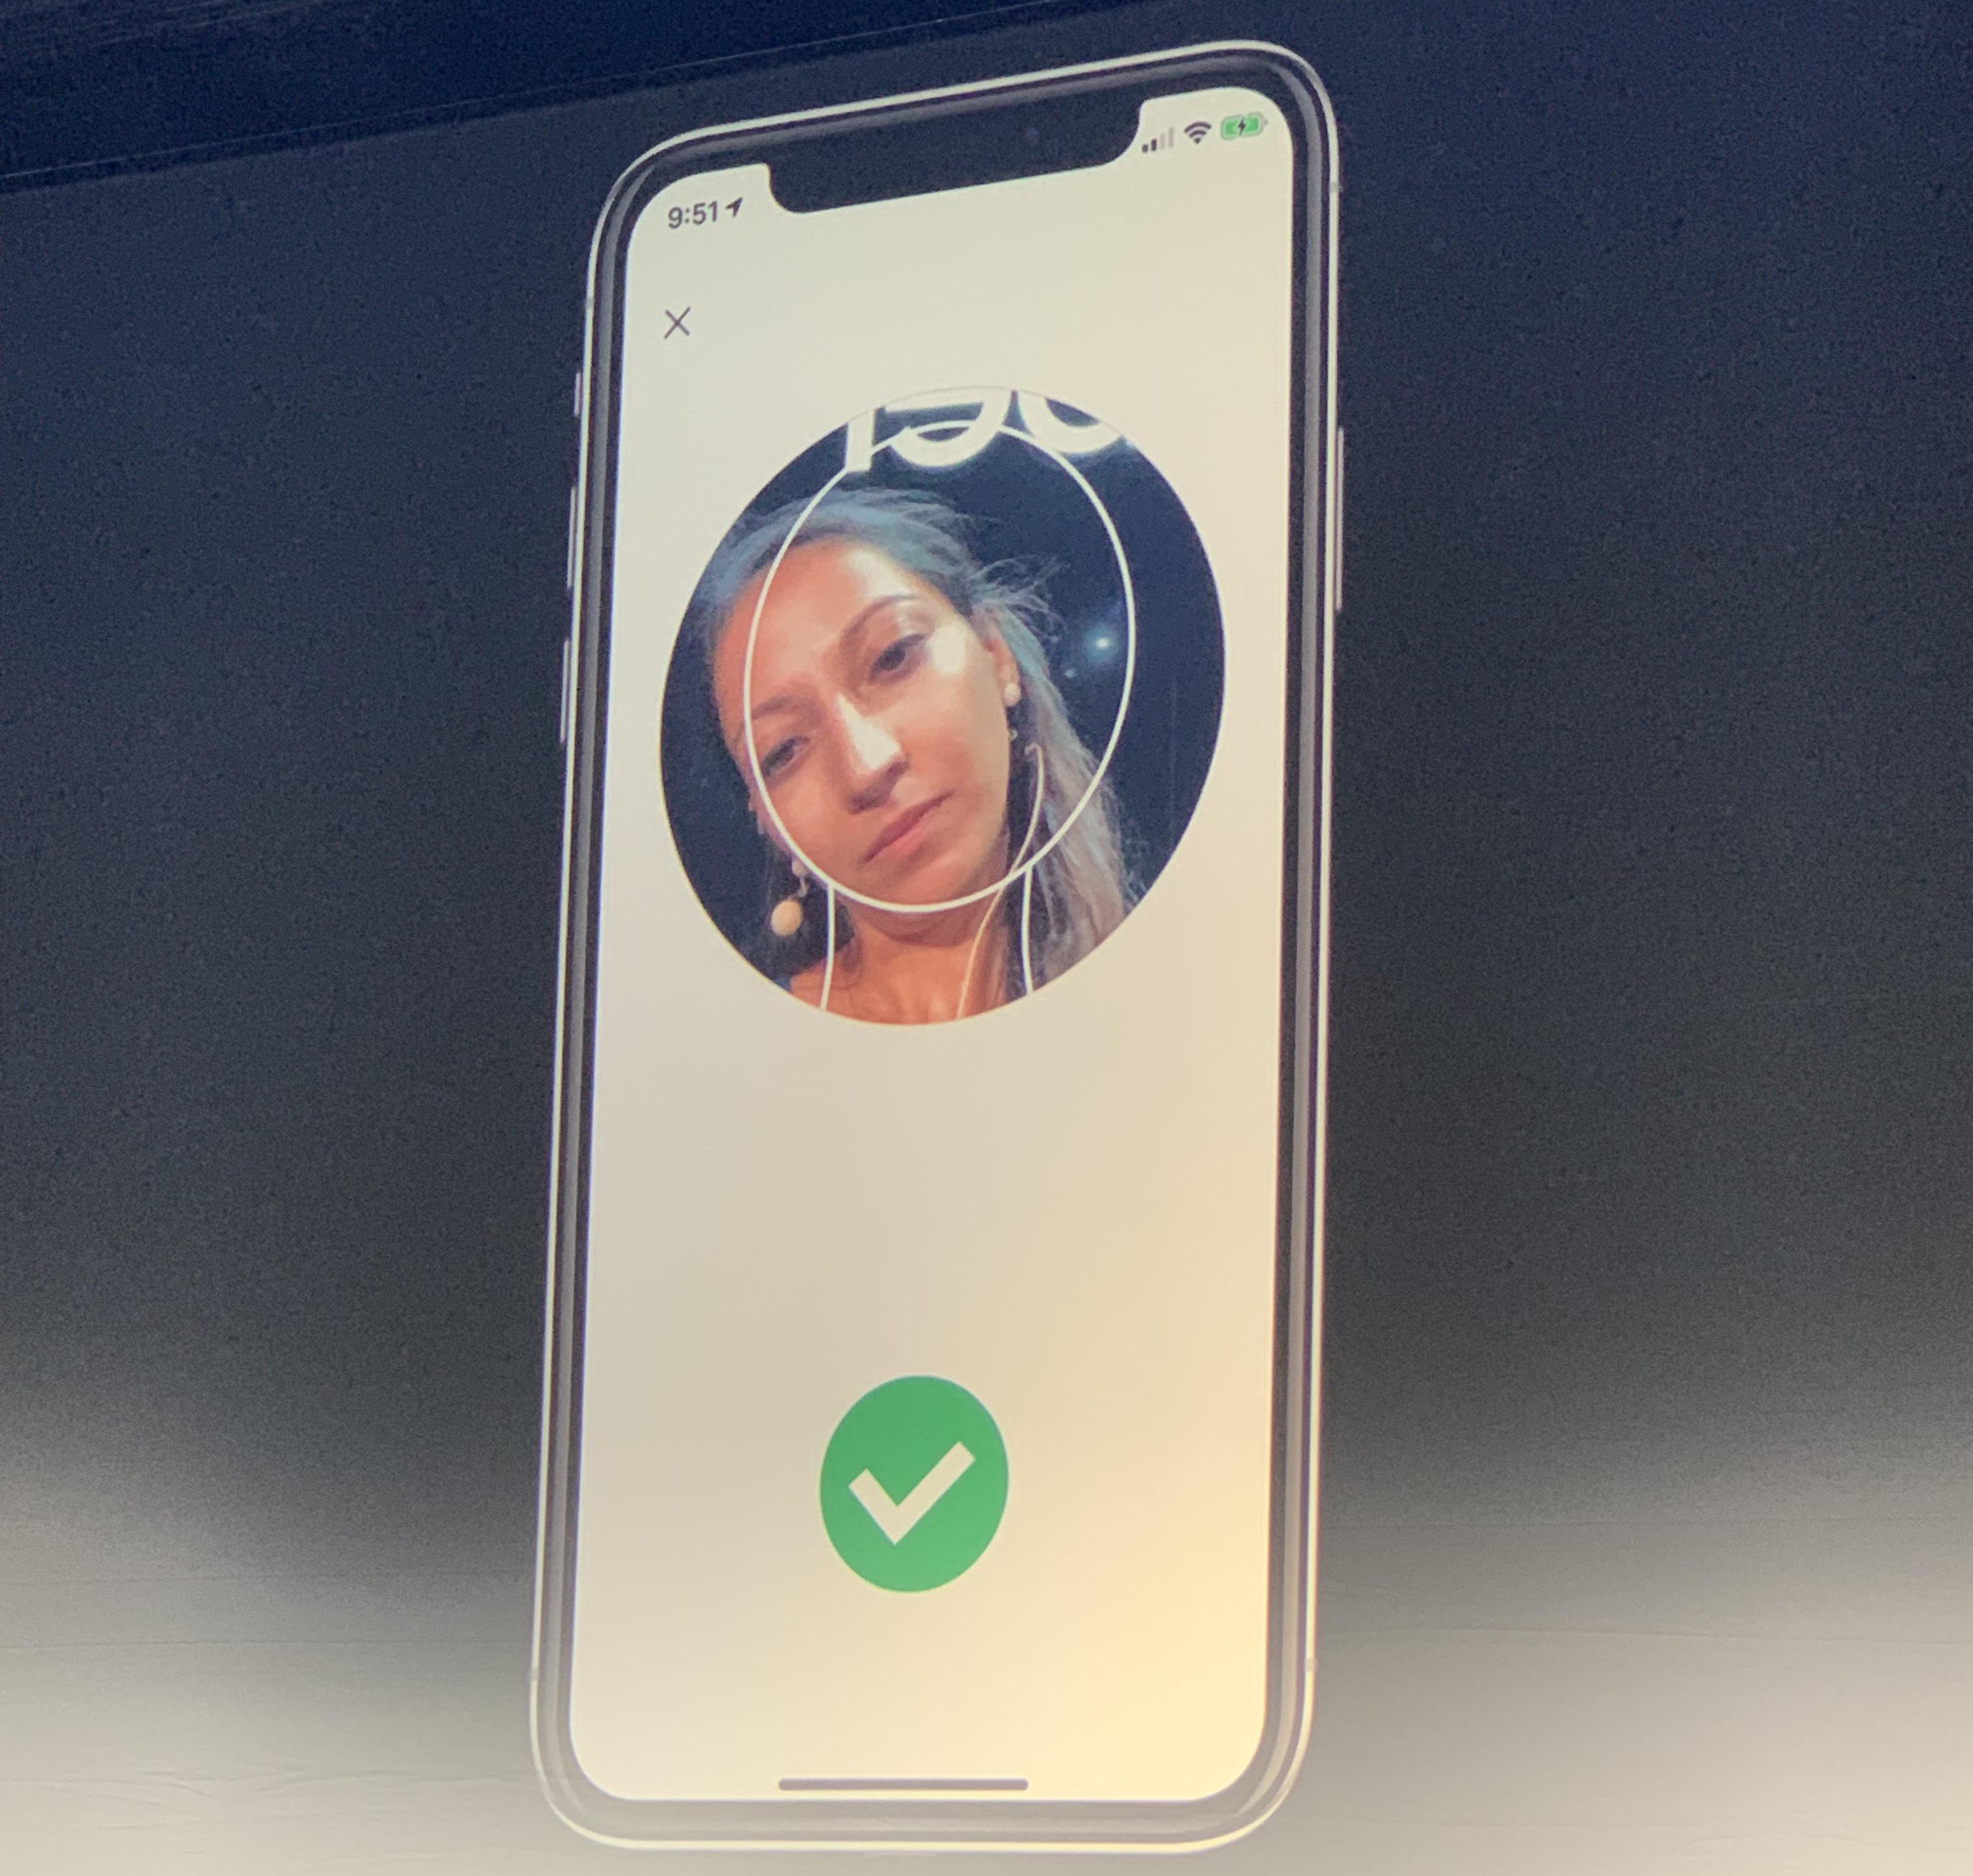 Uber Selfie Check